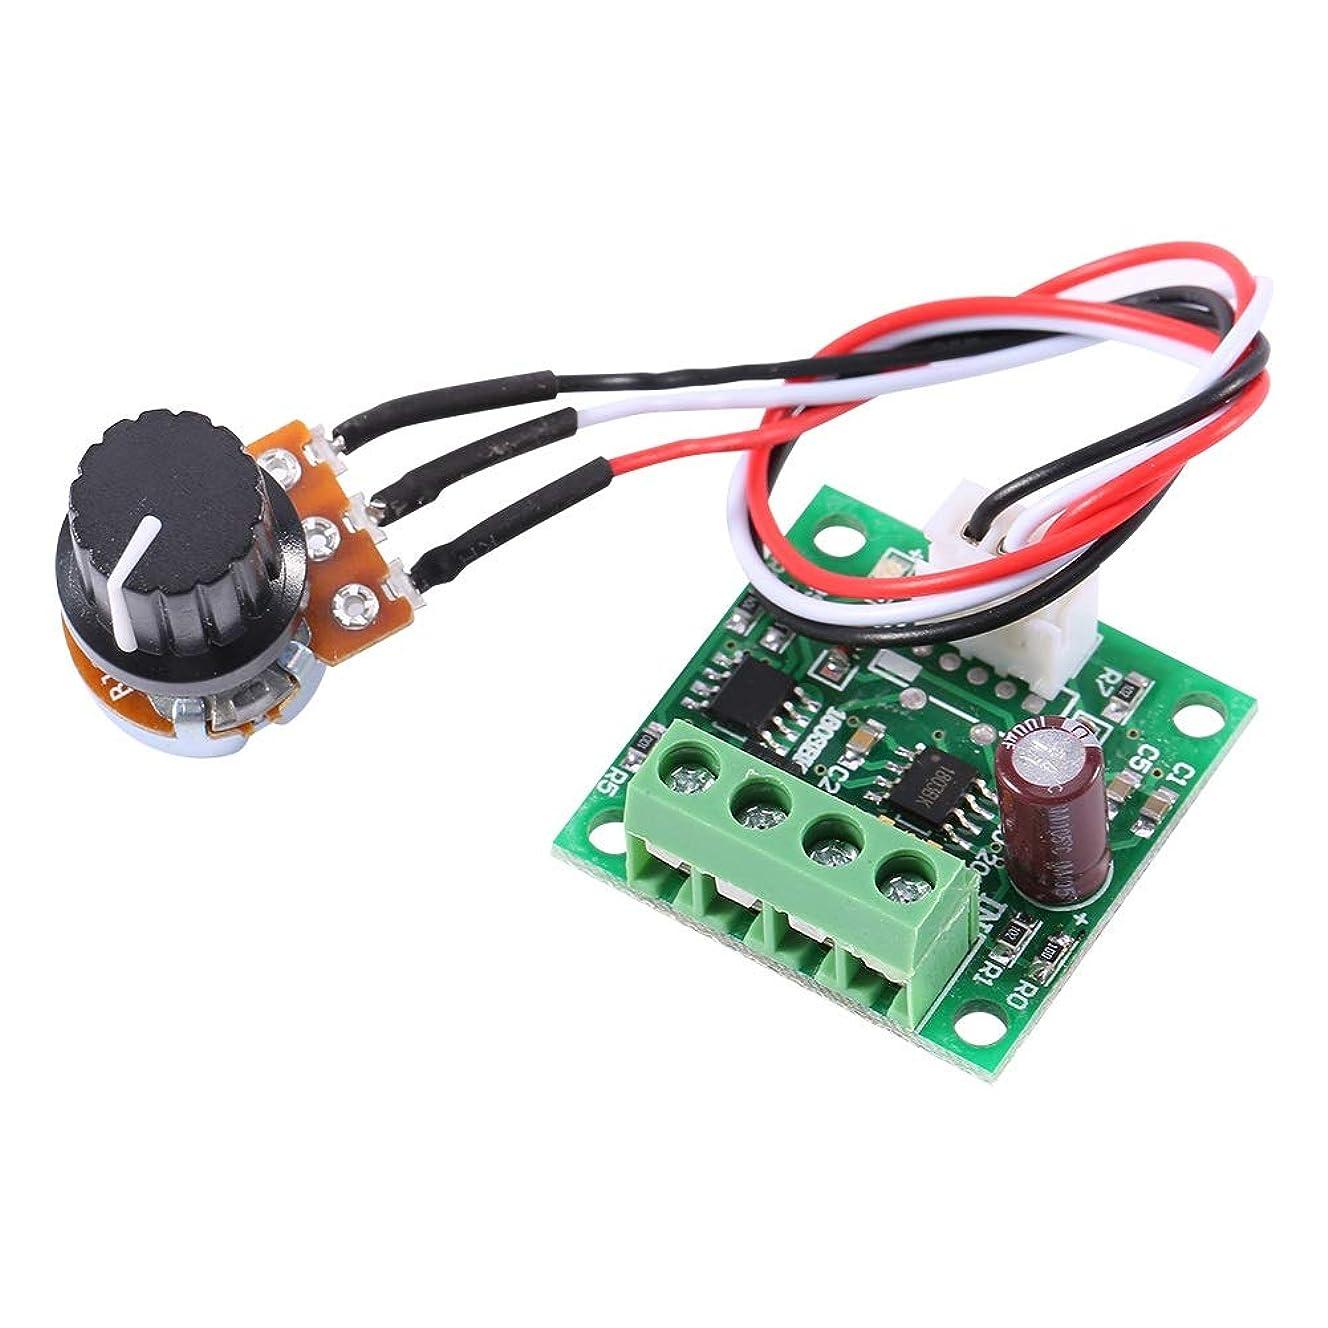 彫る調べる摂氏DCモーター - Delaman 速度コントローラ、レギュレータ、制御モジュール、低電圧、DC 1.8V?15V 2A、ミニPWMモータ速度コントローラ